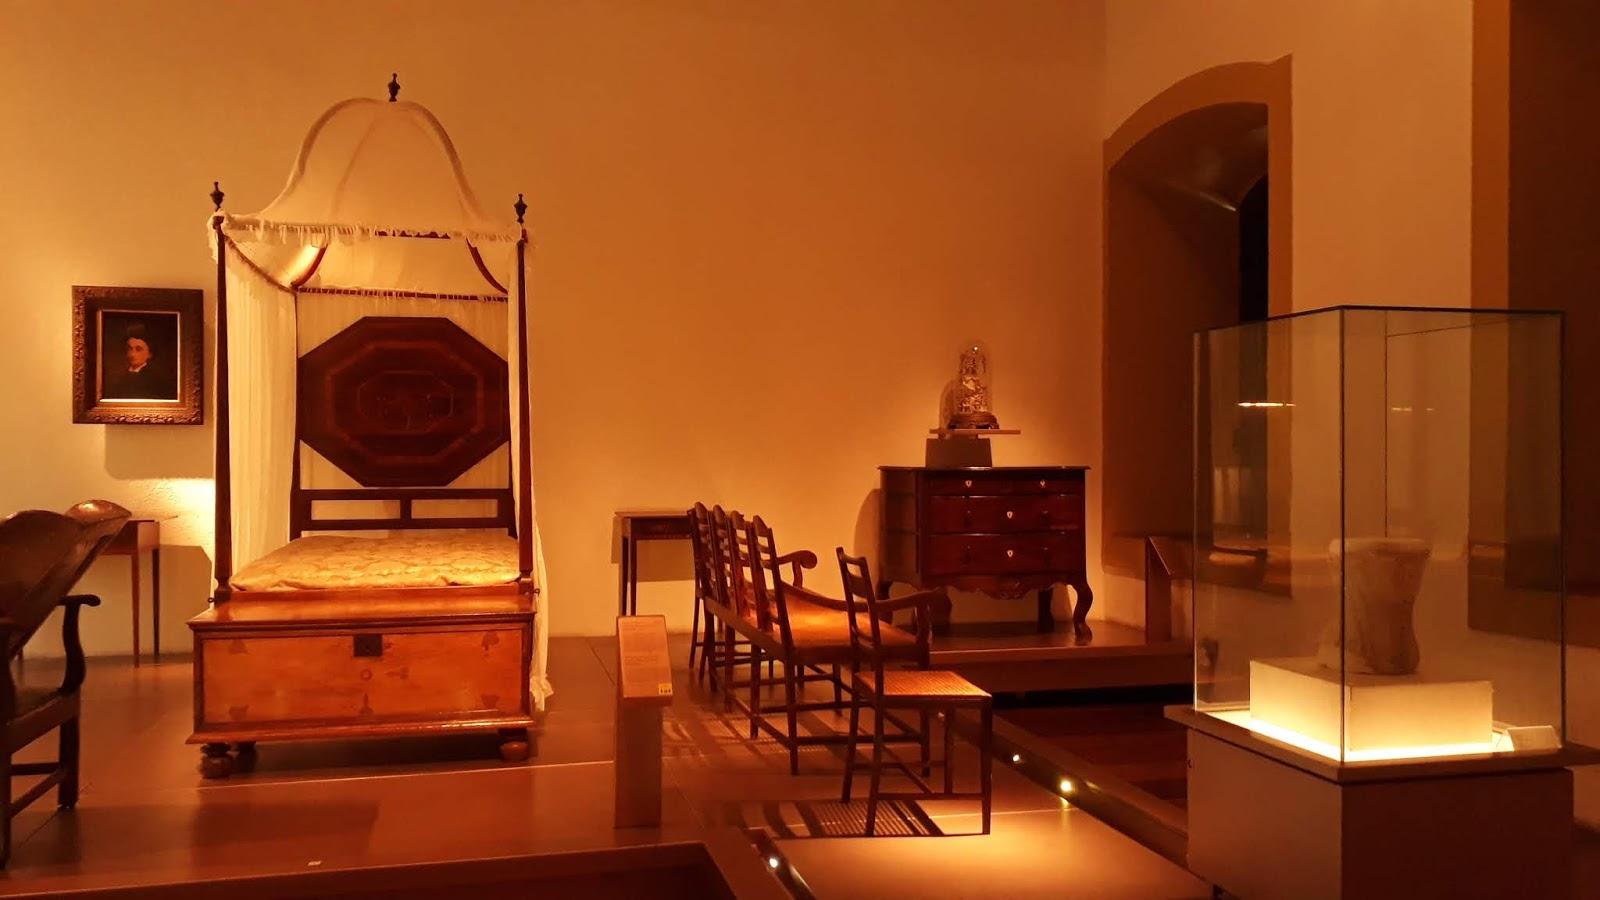 Peças da vida privada/doméstica - Museu da Inconfidência